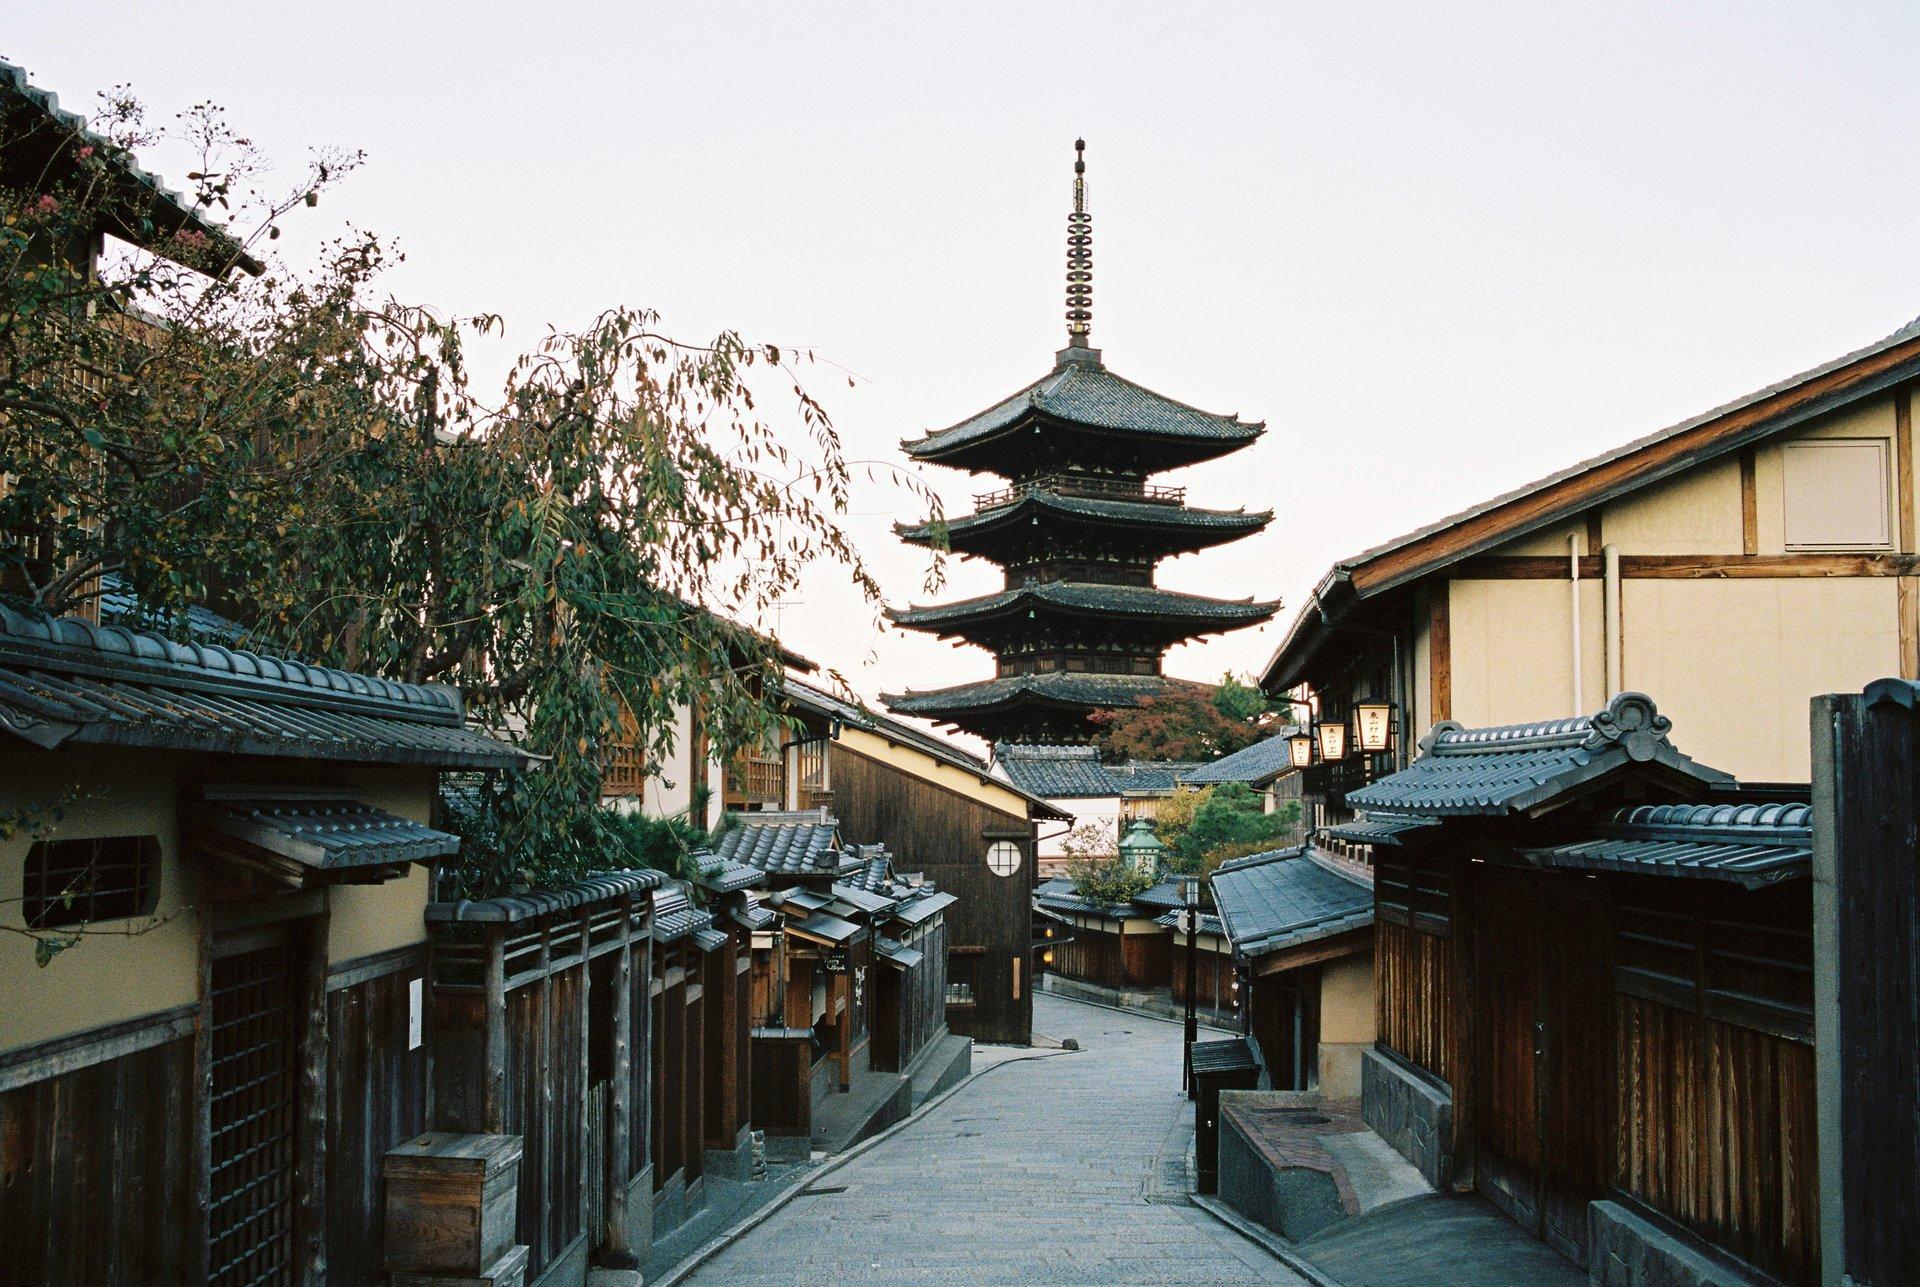 Kyoto – nơi thời gian lắng đọng Thumbnail